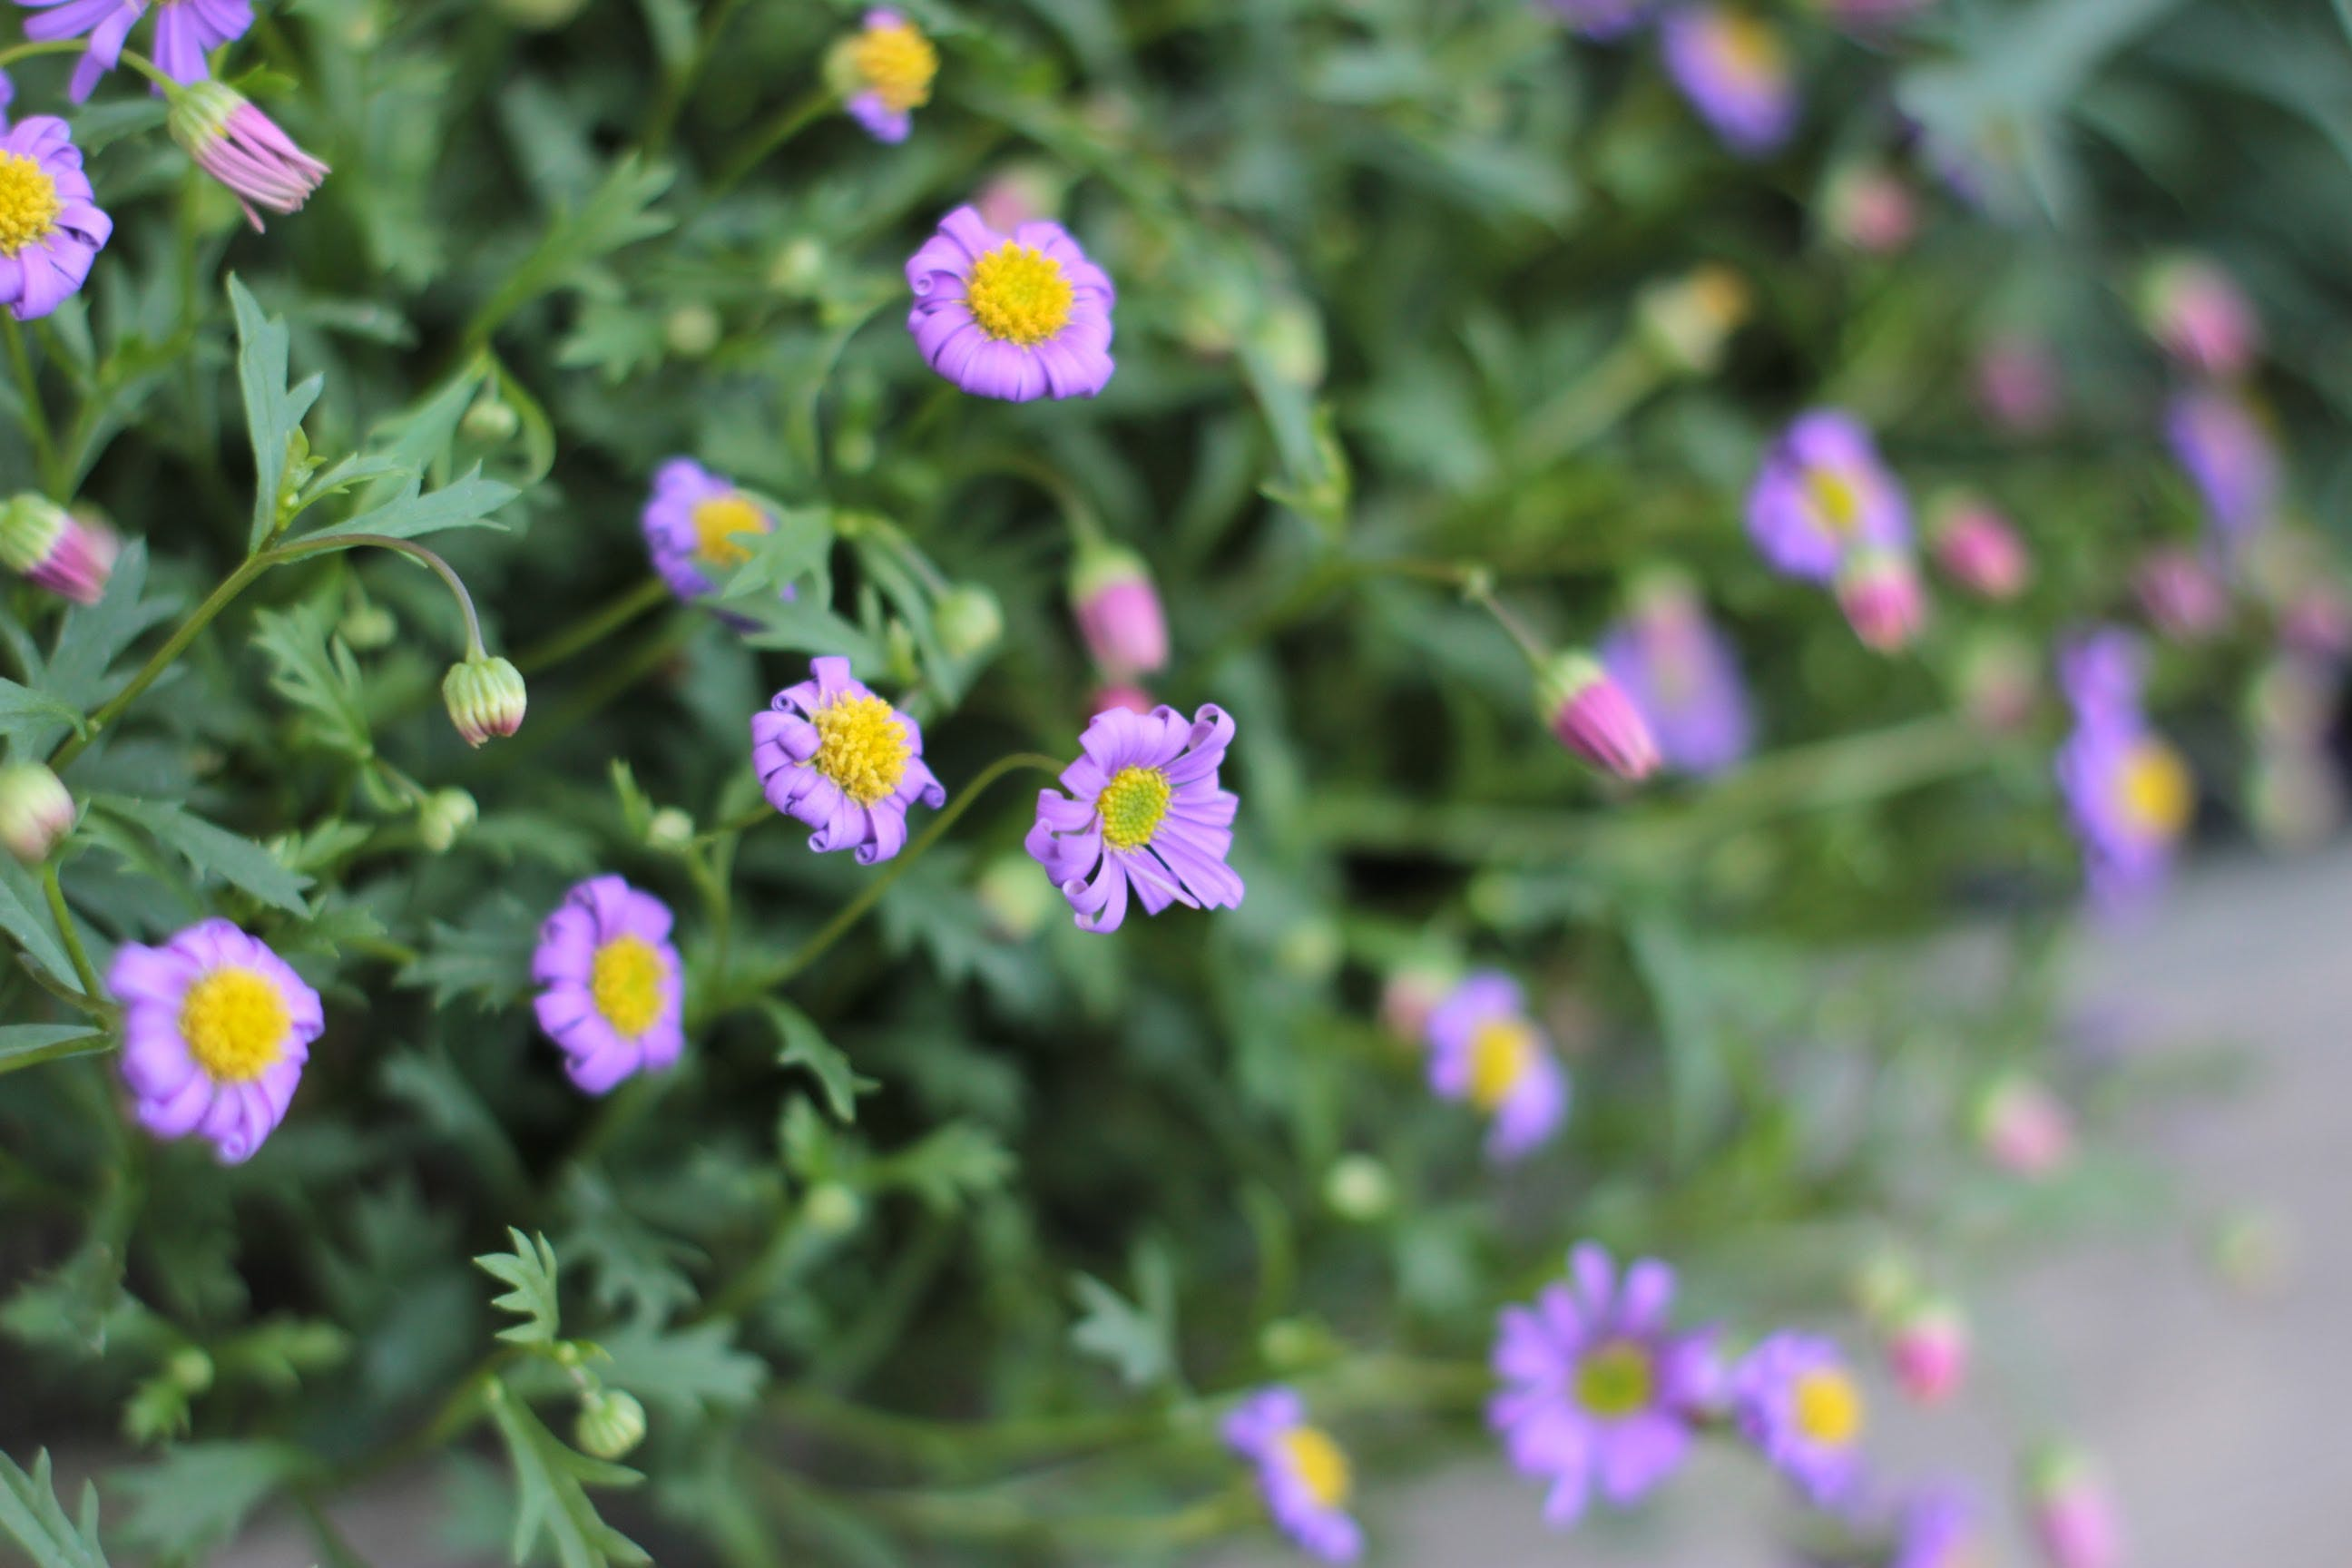 ぼやけて, バイオレット, 花の無料の写真素材